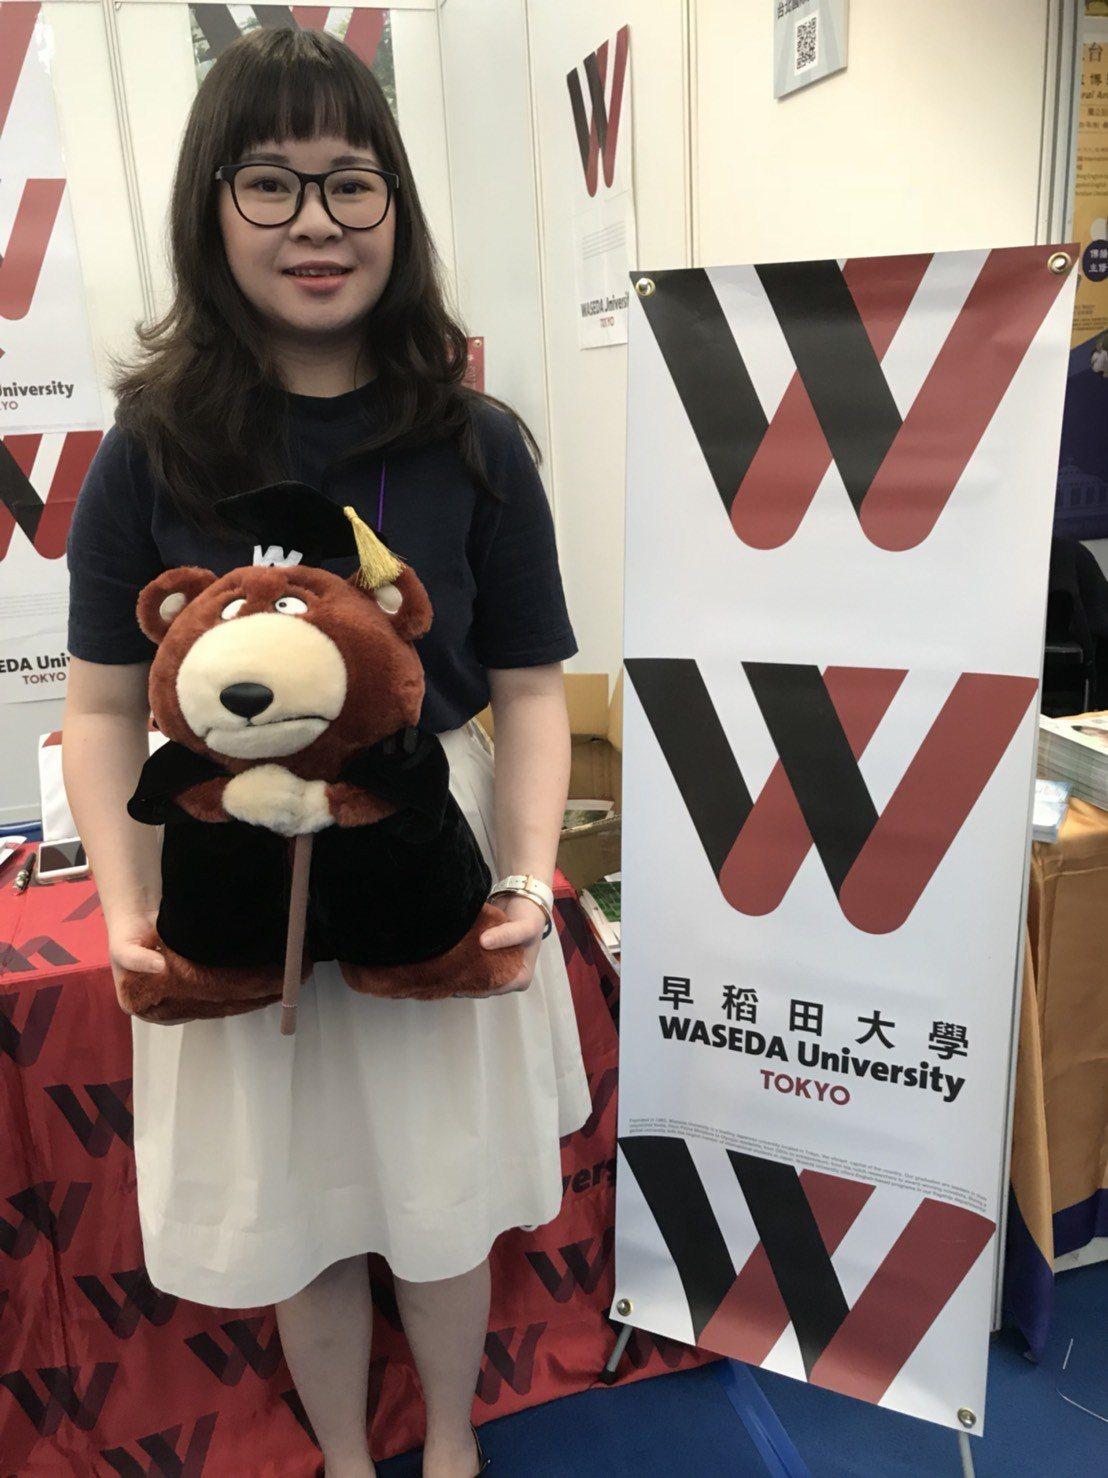 日本早稻田大學也首度來台參加大學博覽會。記者馮靖惠/攝影